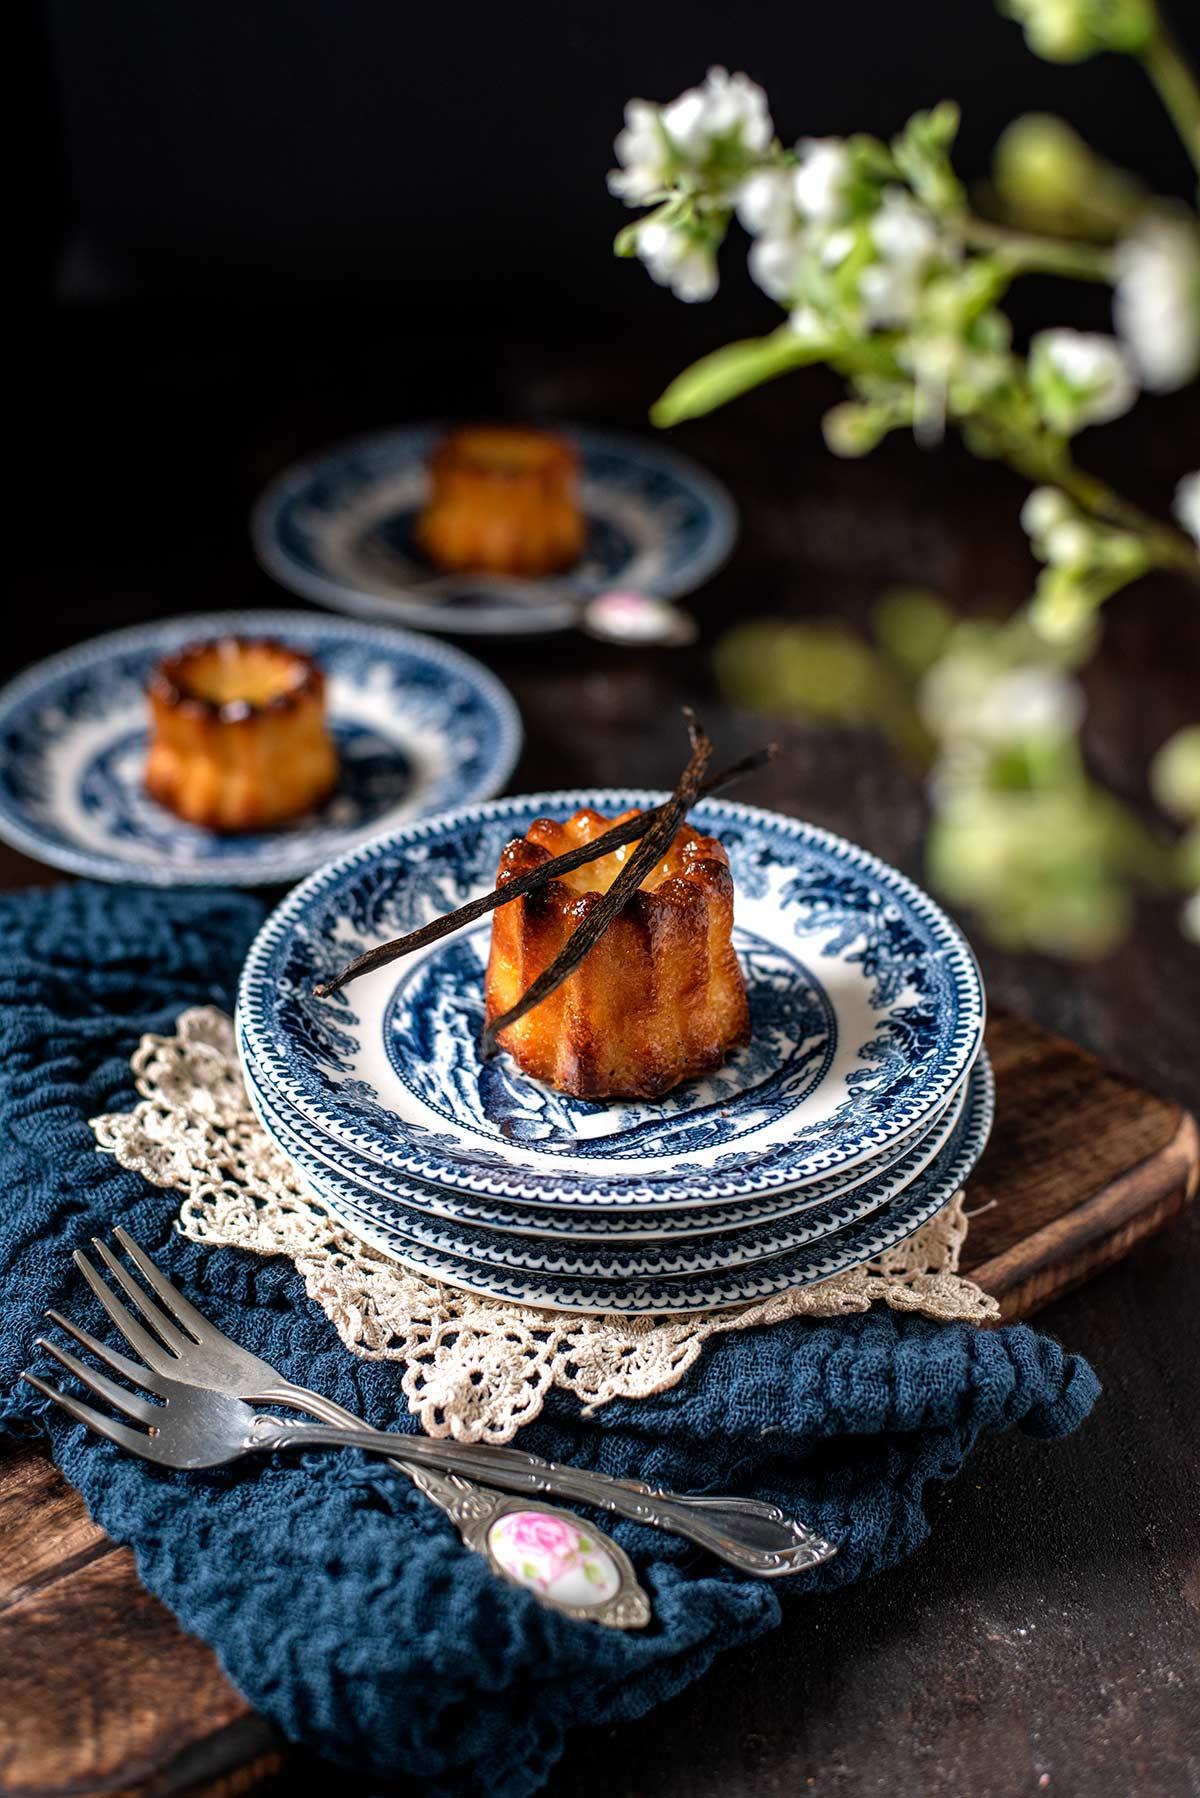 γαλλικό γλυκό, caneles, κανελέ